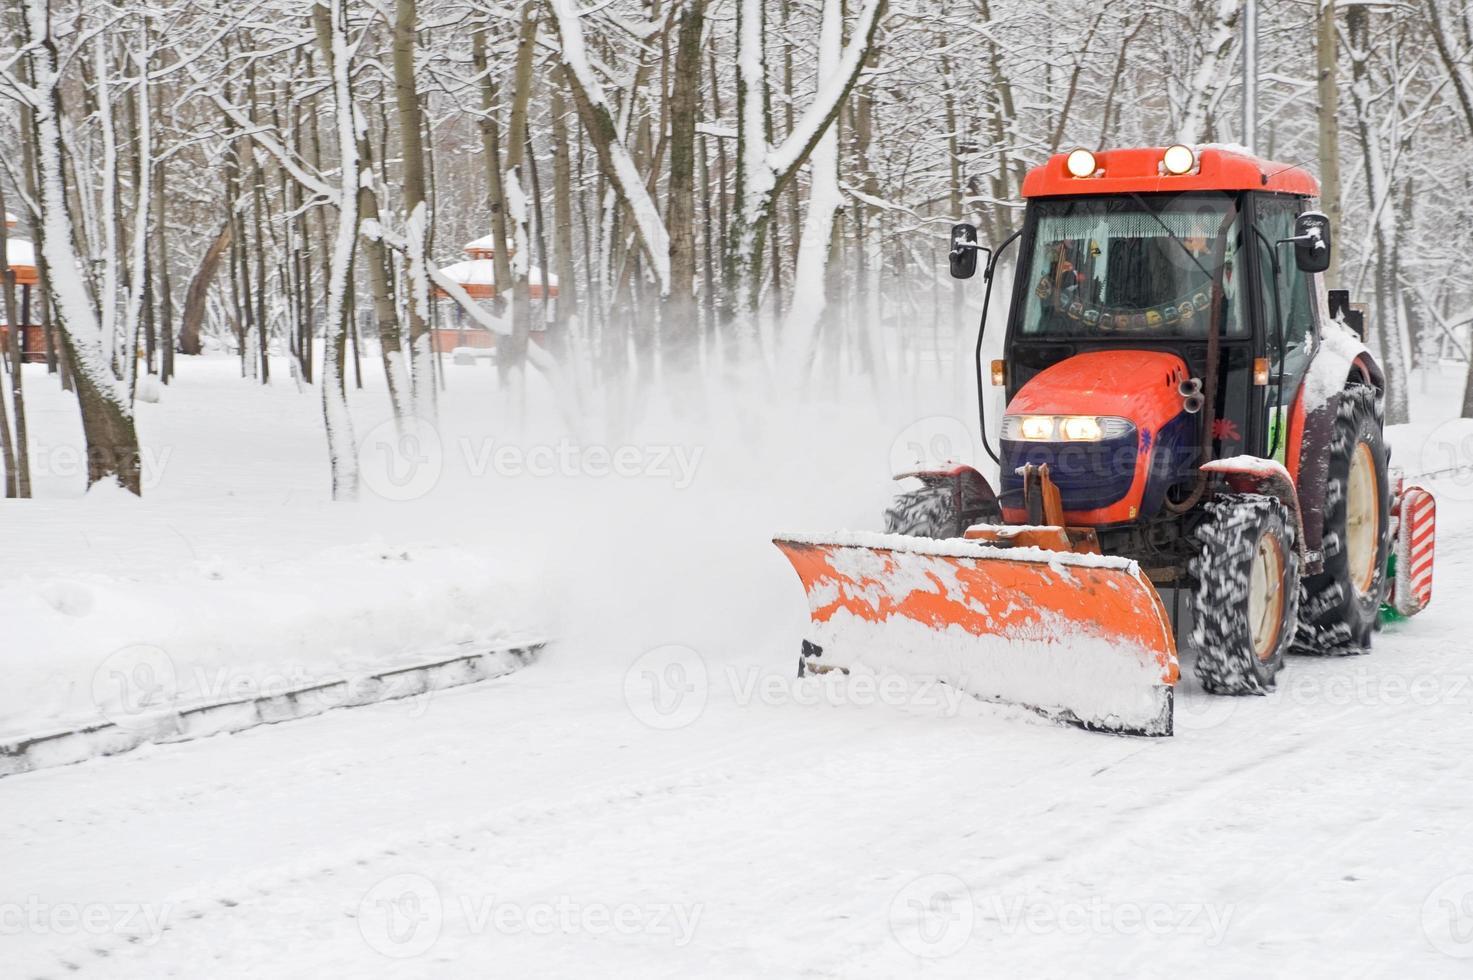 vinter snöröjning en liten traktor foto